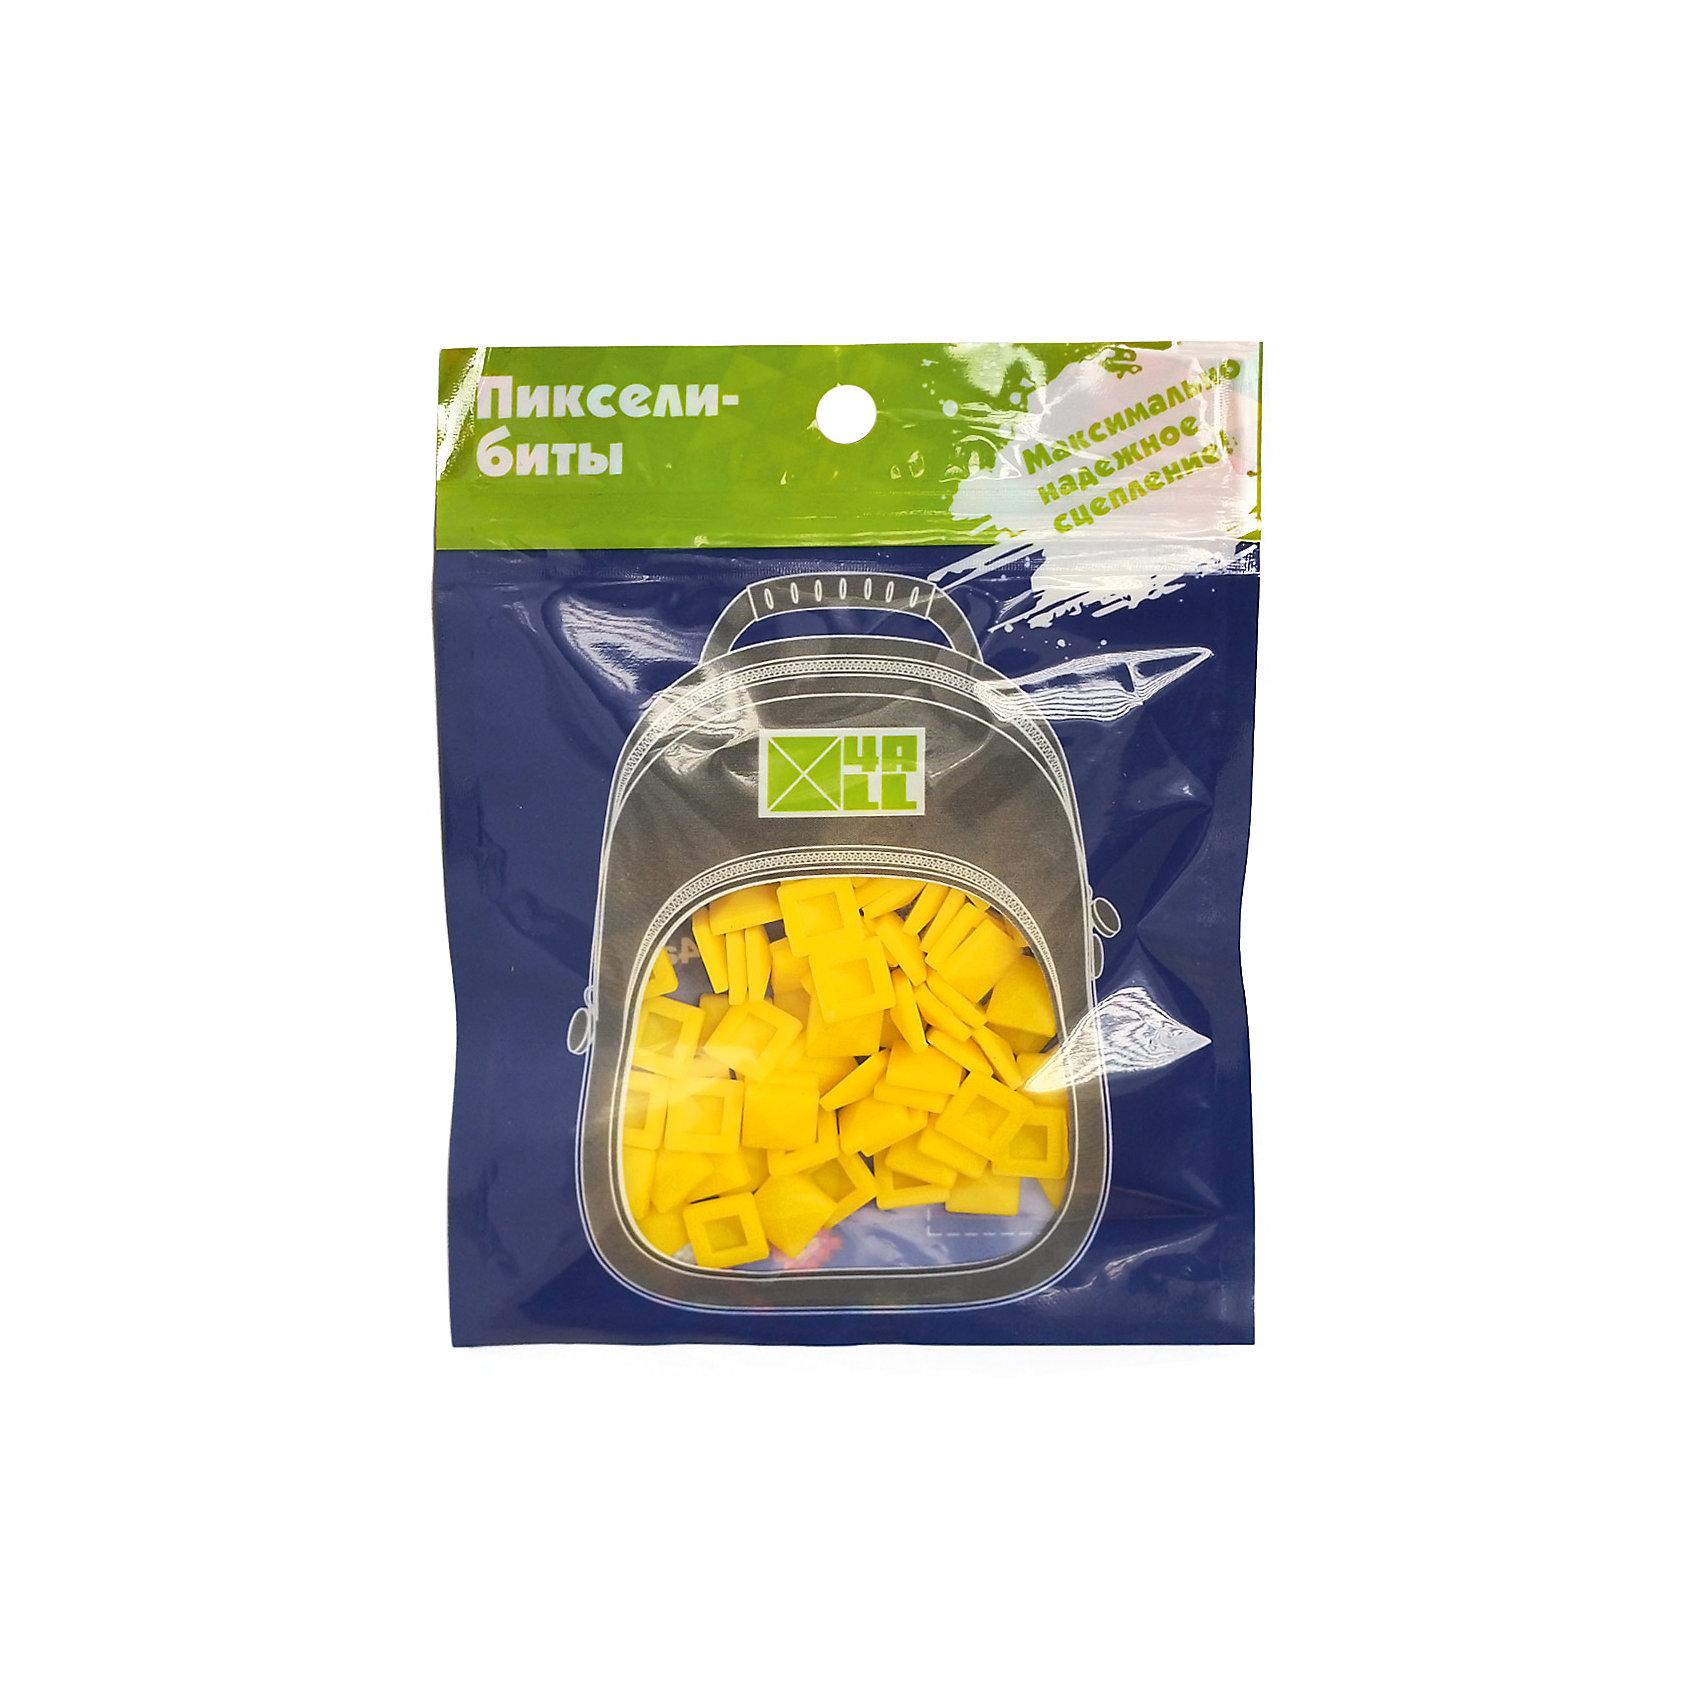 Набор для рюкзака 4ALL пиксель-Бит, ярко-желтый, 80 штРюкзаки<br>Набор для творчества пиксель-Бит, ярко-желтый, 80 шт.<br><br>Характеристики:<br><br>• Для детей от 3 лет<br>• Количество: 80 шт.<br>• Размер: 0,5х0,5 см.<br>• Цвет: ярко-желтый<br>• Материал: высококачественный силикон<br>• Размер упаковки: 14х11 см.<br><br>Придумай и создай дизайн своего рюкзака Case самостоятельно с наборами для творчества пиксель-Бит. Биты для пикселей легко и прочно крепятся на переднюю панель рюкзака благодаря уникальной конструкции замка. Битами можно выкладывать любые картинки или слова. Набор подходит для декорирования рюкзаков серии 4all Case. Изготовлен из высококачественного гипоаллергенного силикона. Развивает мелкую моторику рук, творческий потенциал и воображение.<br><br>Набор для творчества пиксель-Бит, ярко-желтые, 80 шт можно купить в нашем интернет-магазине.<br><br>Ширина мм: 140<br>Глубина мм: 110<br>Высота мм: 50<br>Вес г: 25<br>Возраст от месяцев: 36<br>Возраст до месяцев: 2147483647<br>Пол: Унисекс<br>Возраст: Детский<br>SKU: 5490450